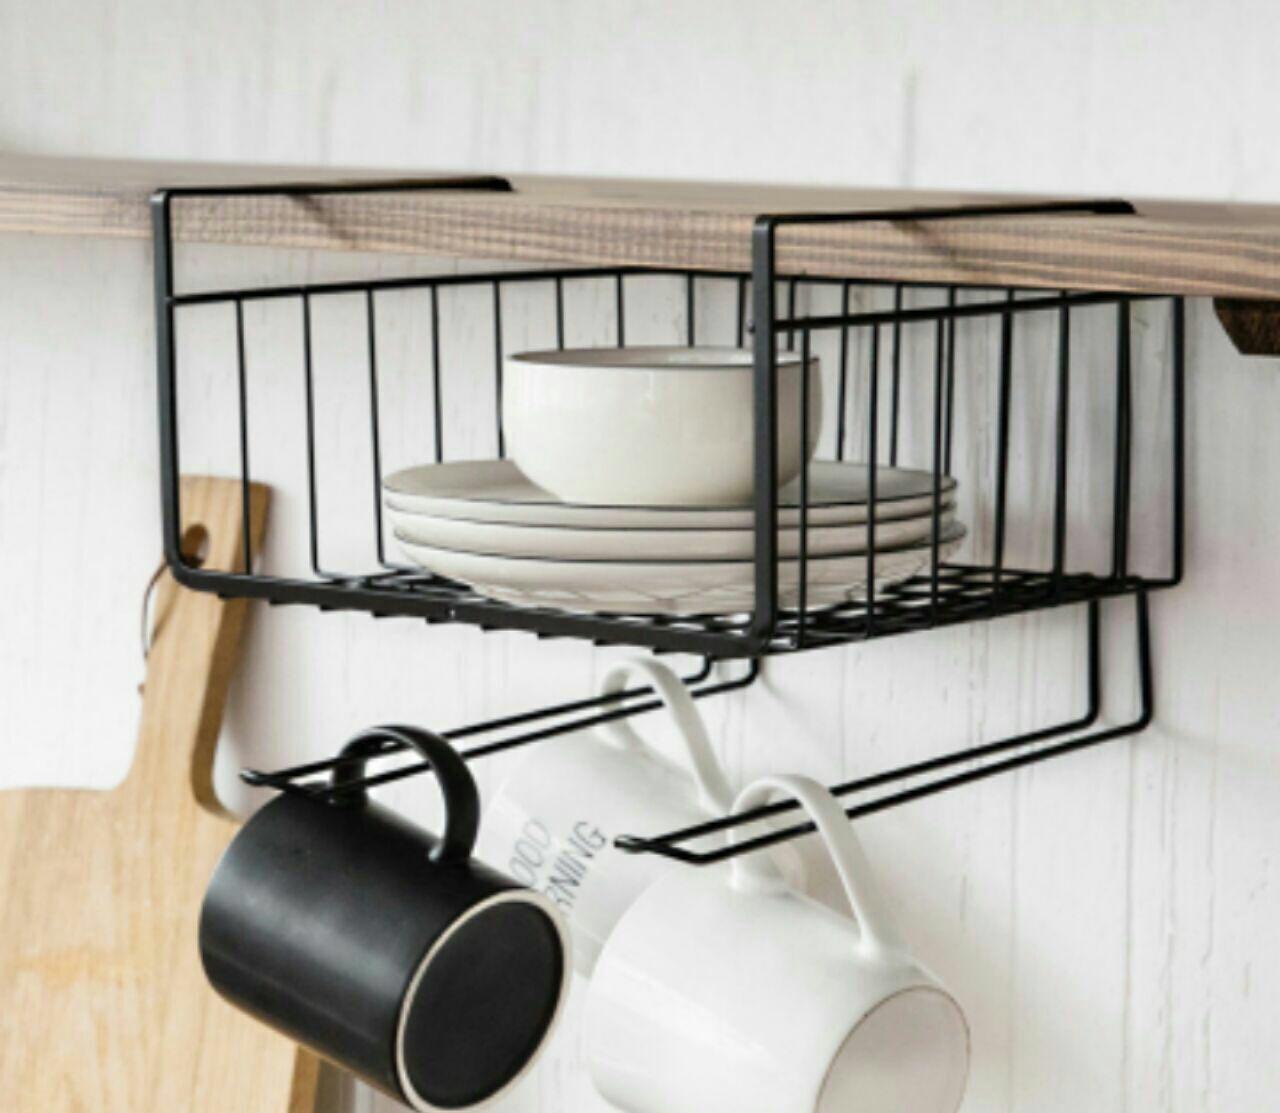 خرید اورگنایزر آویز استیل زیر کابینتی آشپزخانه آویز دار 2020